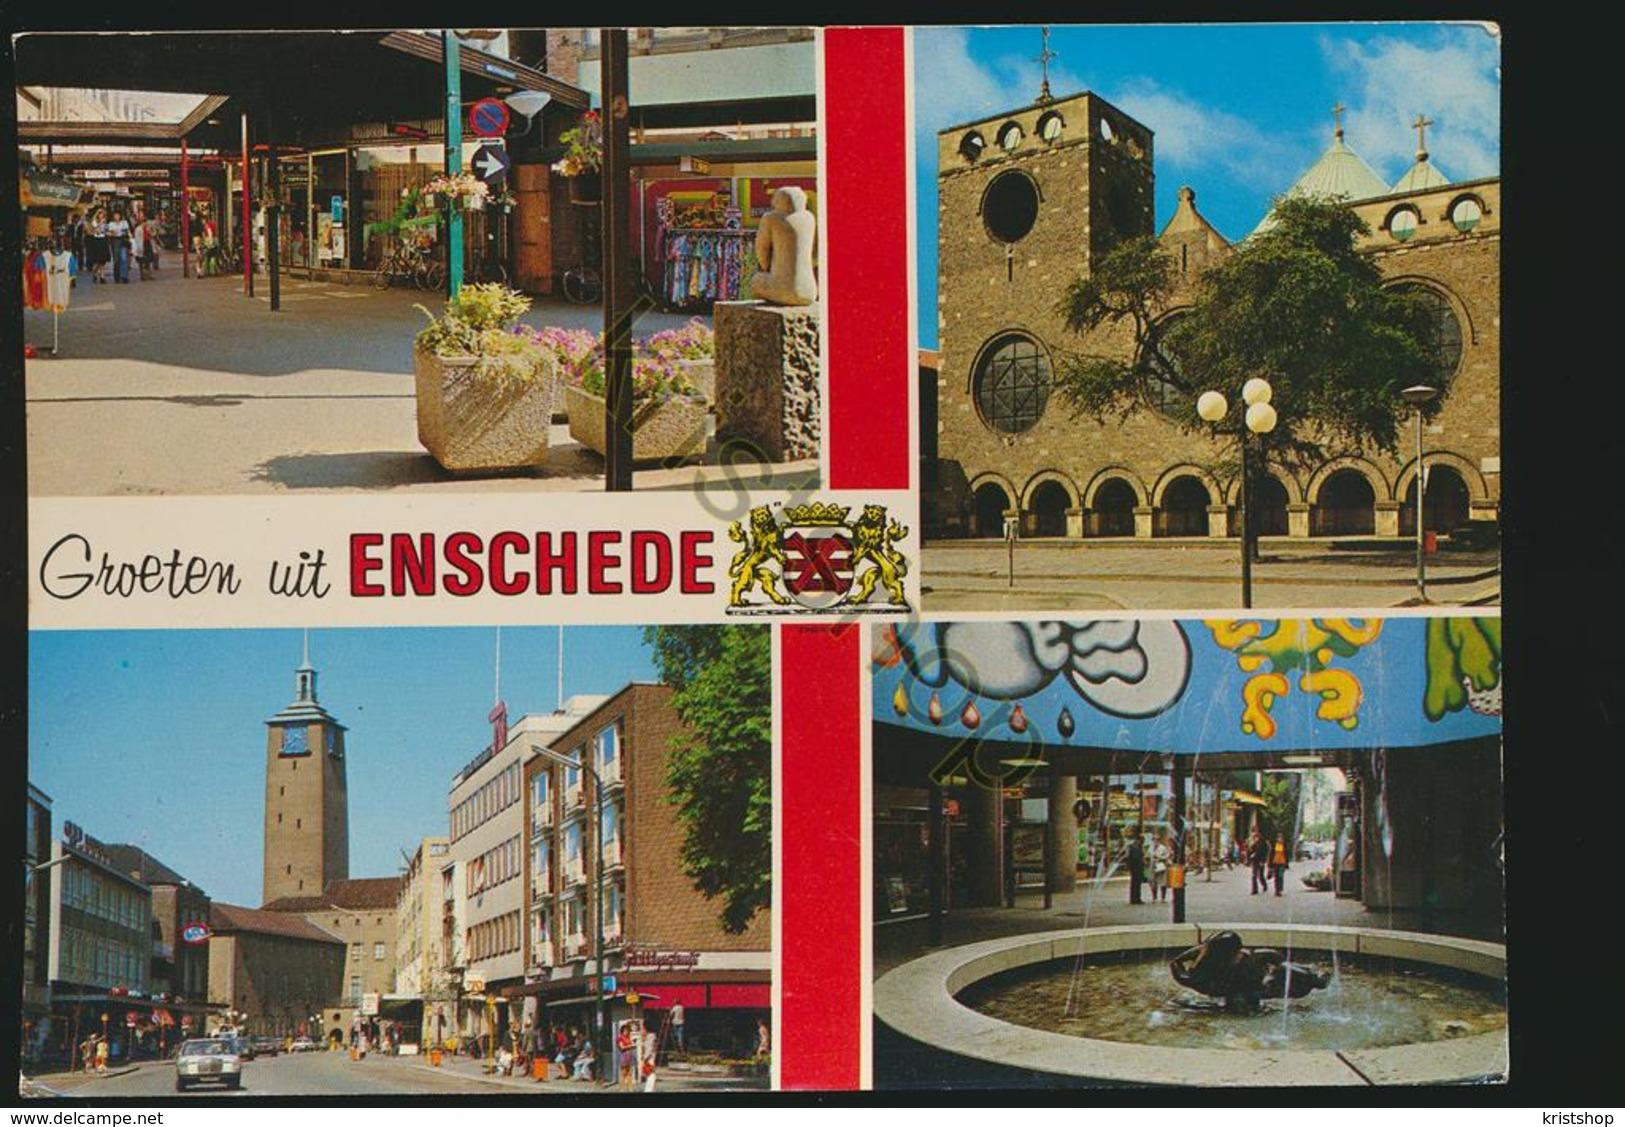 Enschede [AA43-3.026 - Nederland